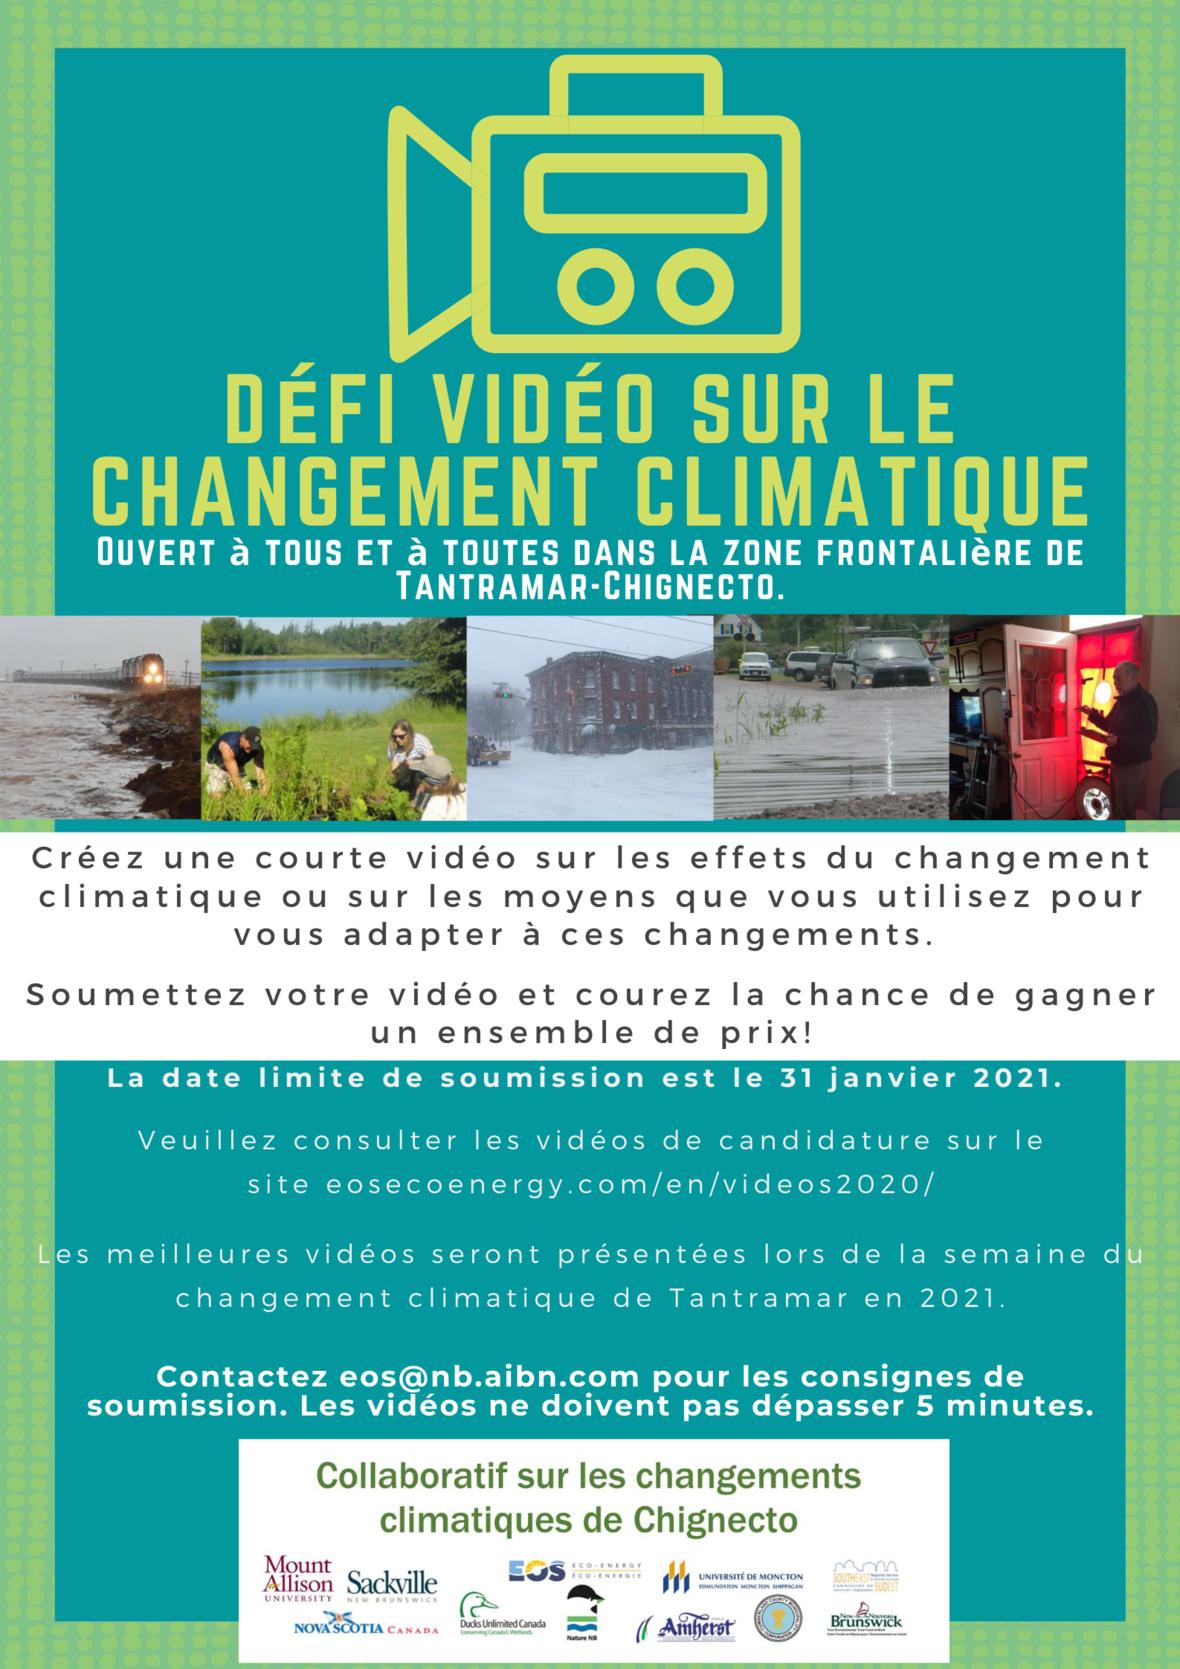 Défi vidéo sur le changement climatique